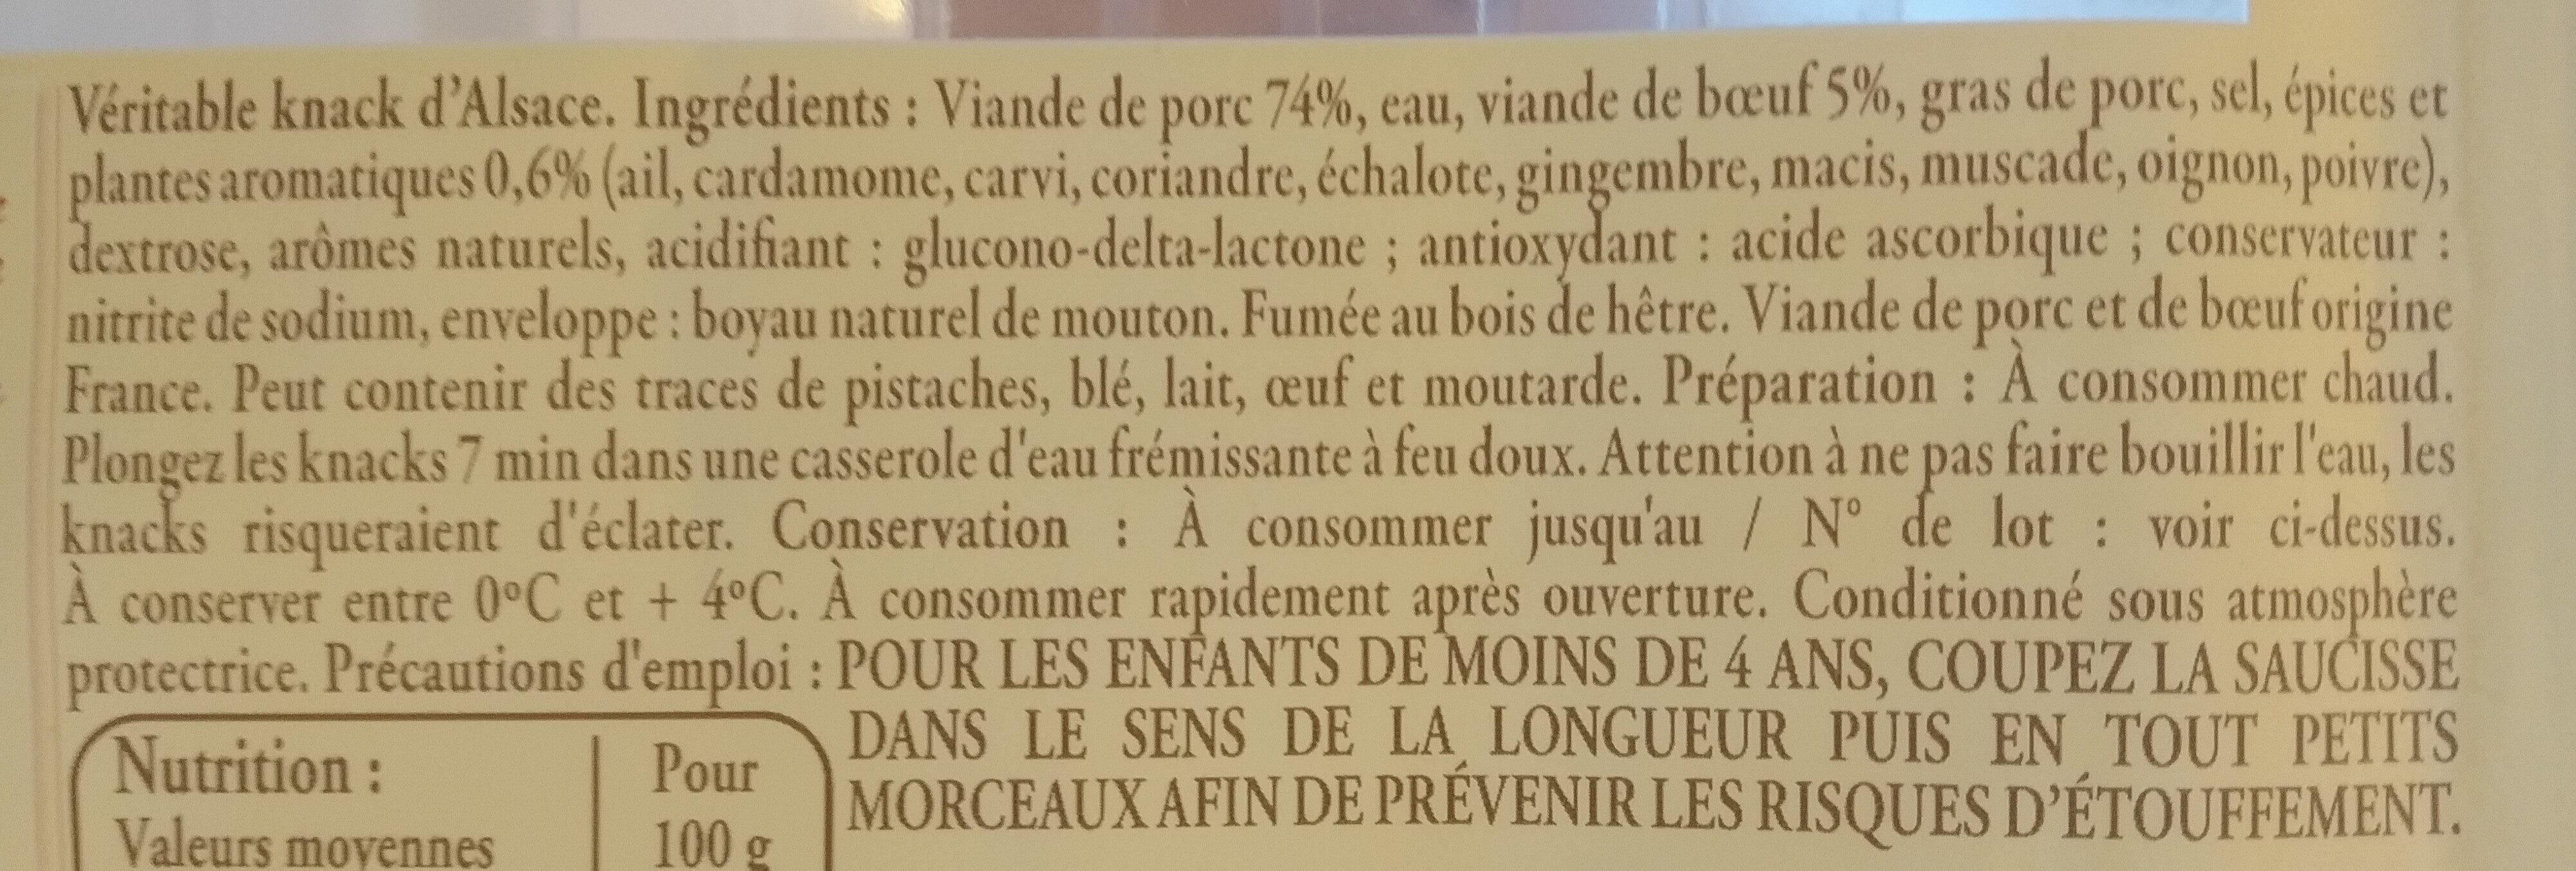 4 Véritables Knacks d'Alsace - Ingrédients - fr